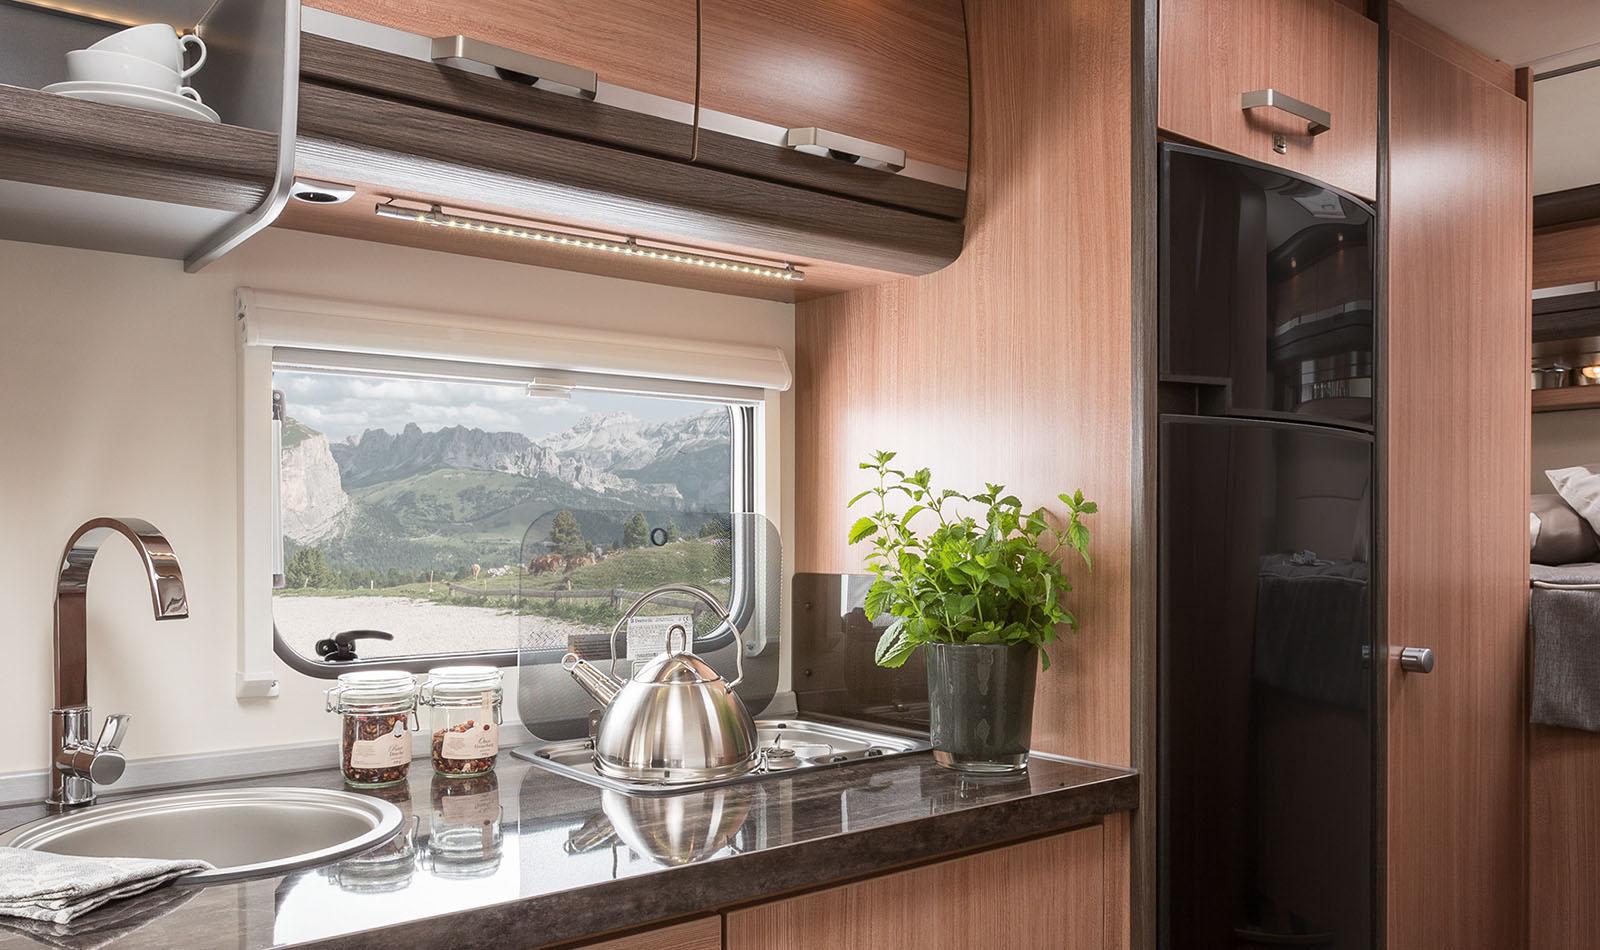 ein großer Kühlschrank mit einem separaten Gefrierfach